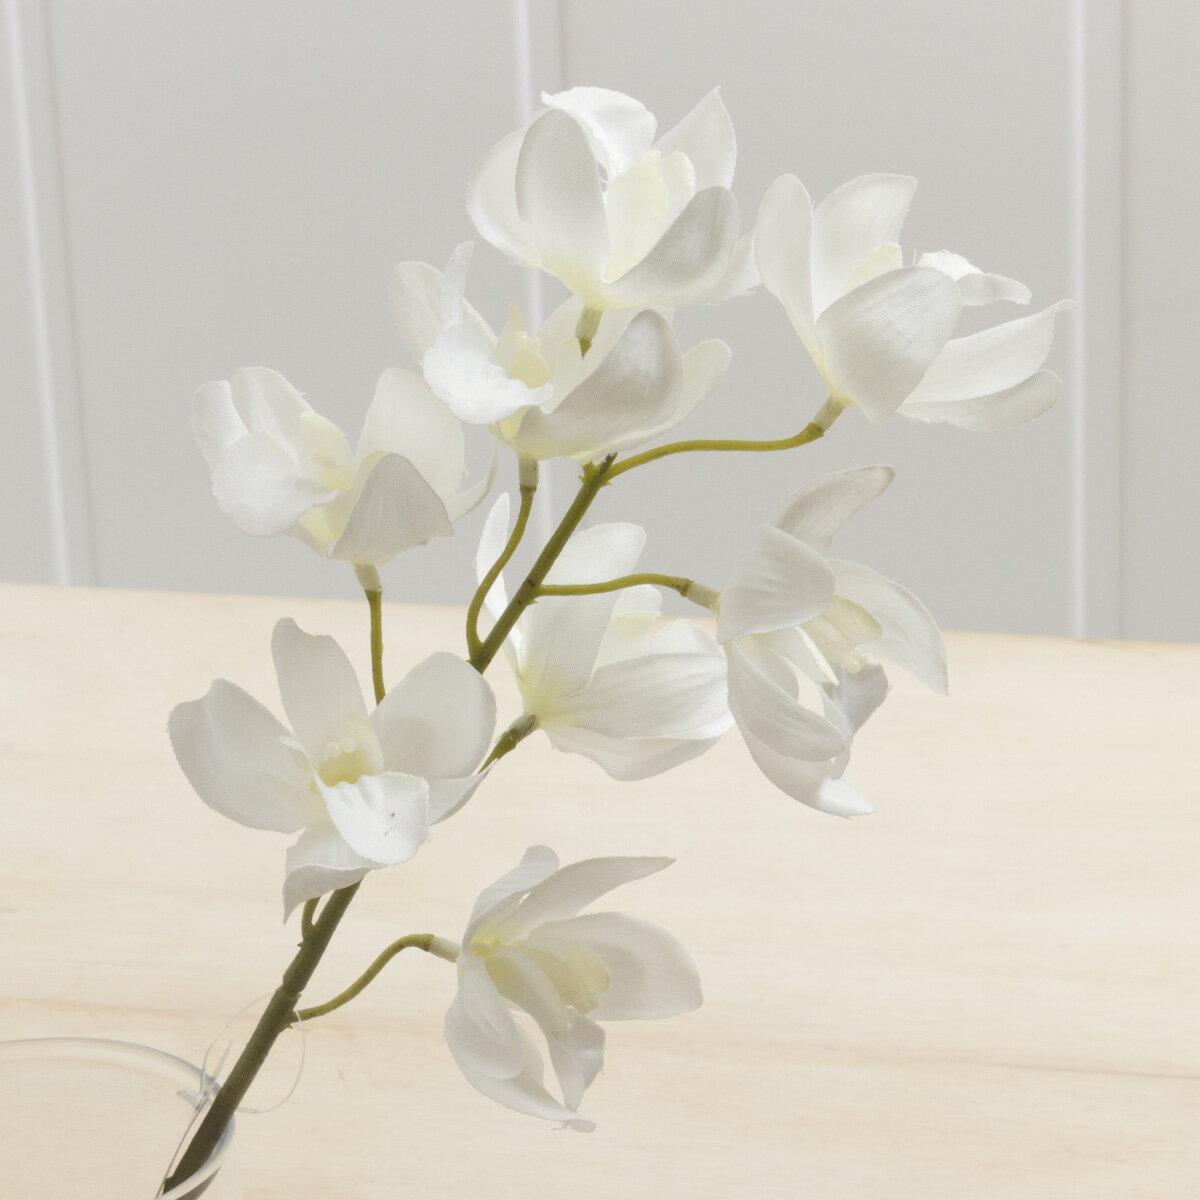 即日 【造花】YDM/シンビジューム/FA6646-CR《 造花(アーティフィシャルフラワー) 造花 花材「さ行」 シンビジューム 》